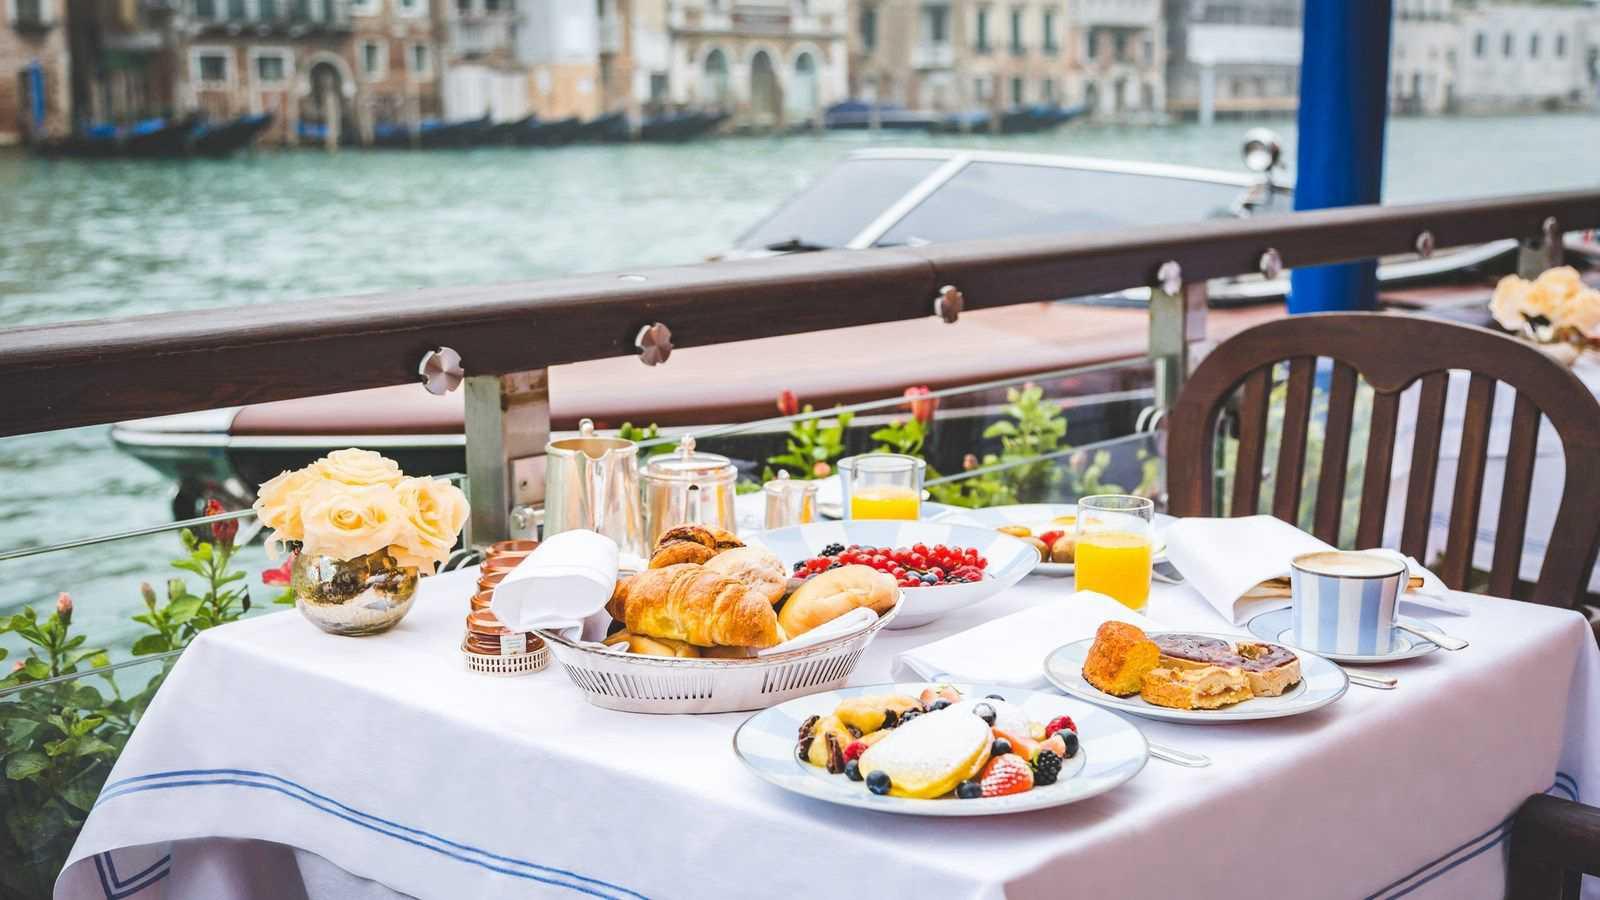 مقویترین صبحانههای دنیا کدامند؟ بهترین غذاهایی که میشود در صبحانه خورد